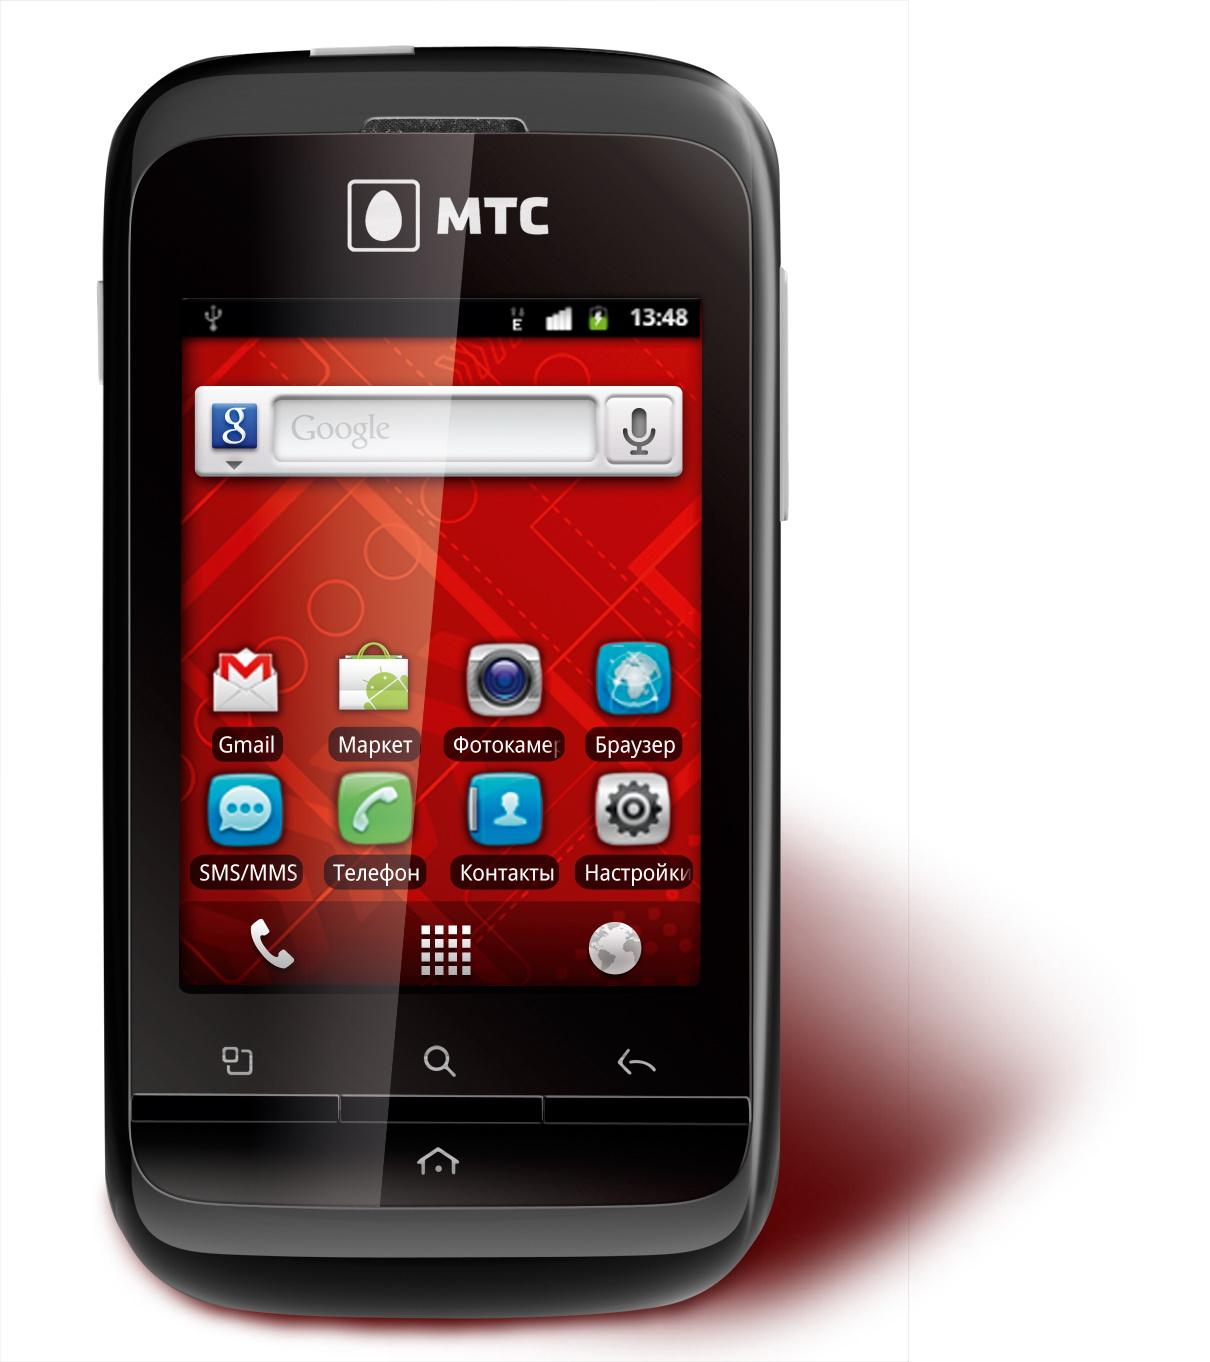 МТС первой в России представляет 3G смартфон, по стоимости сопоставимый с